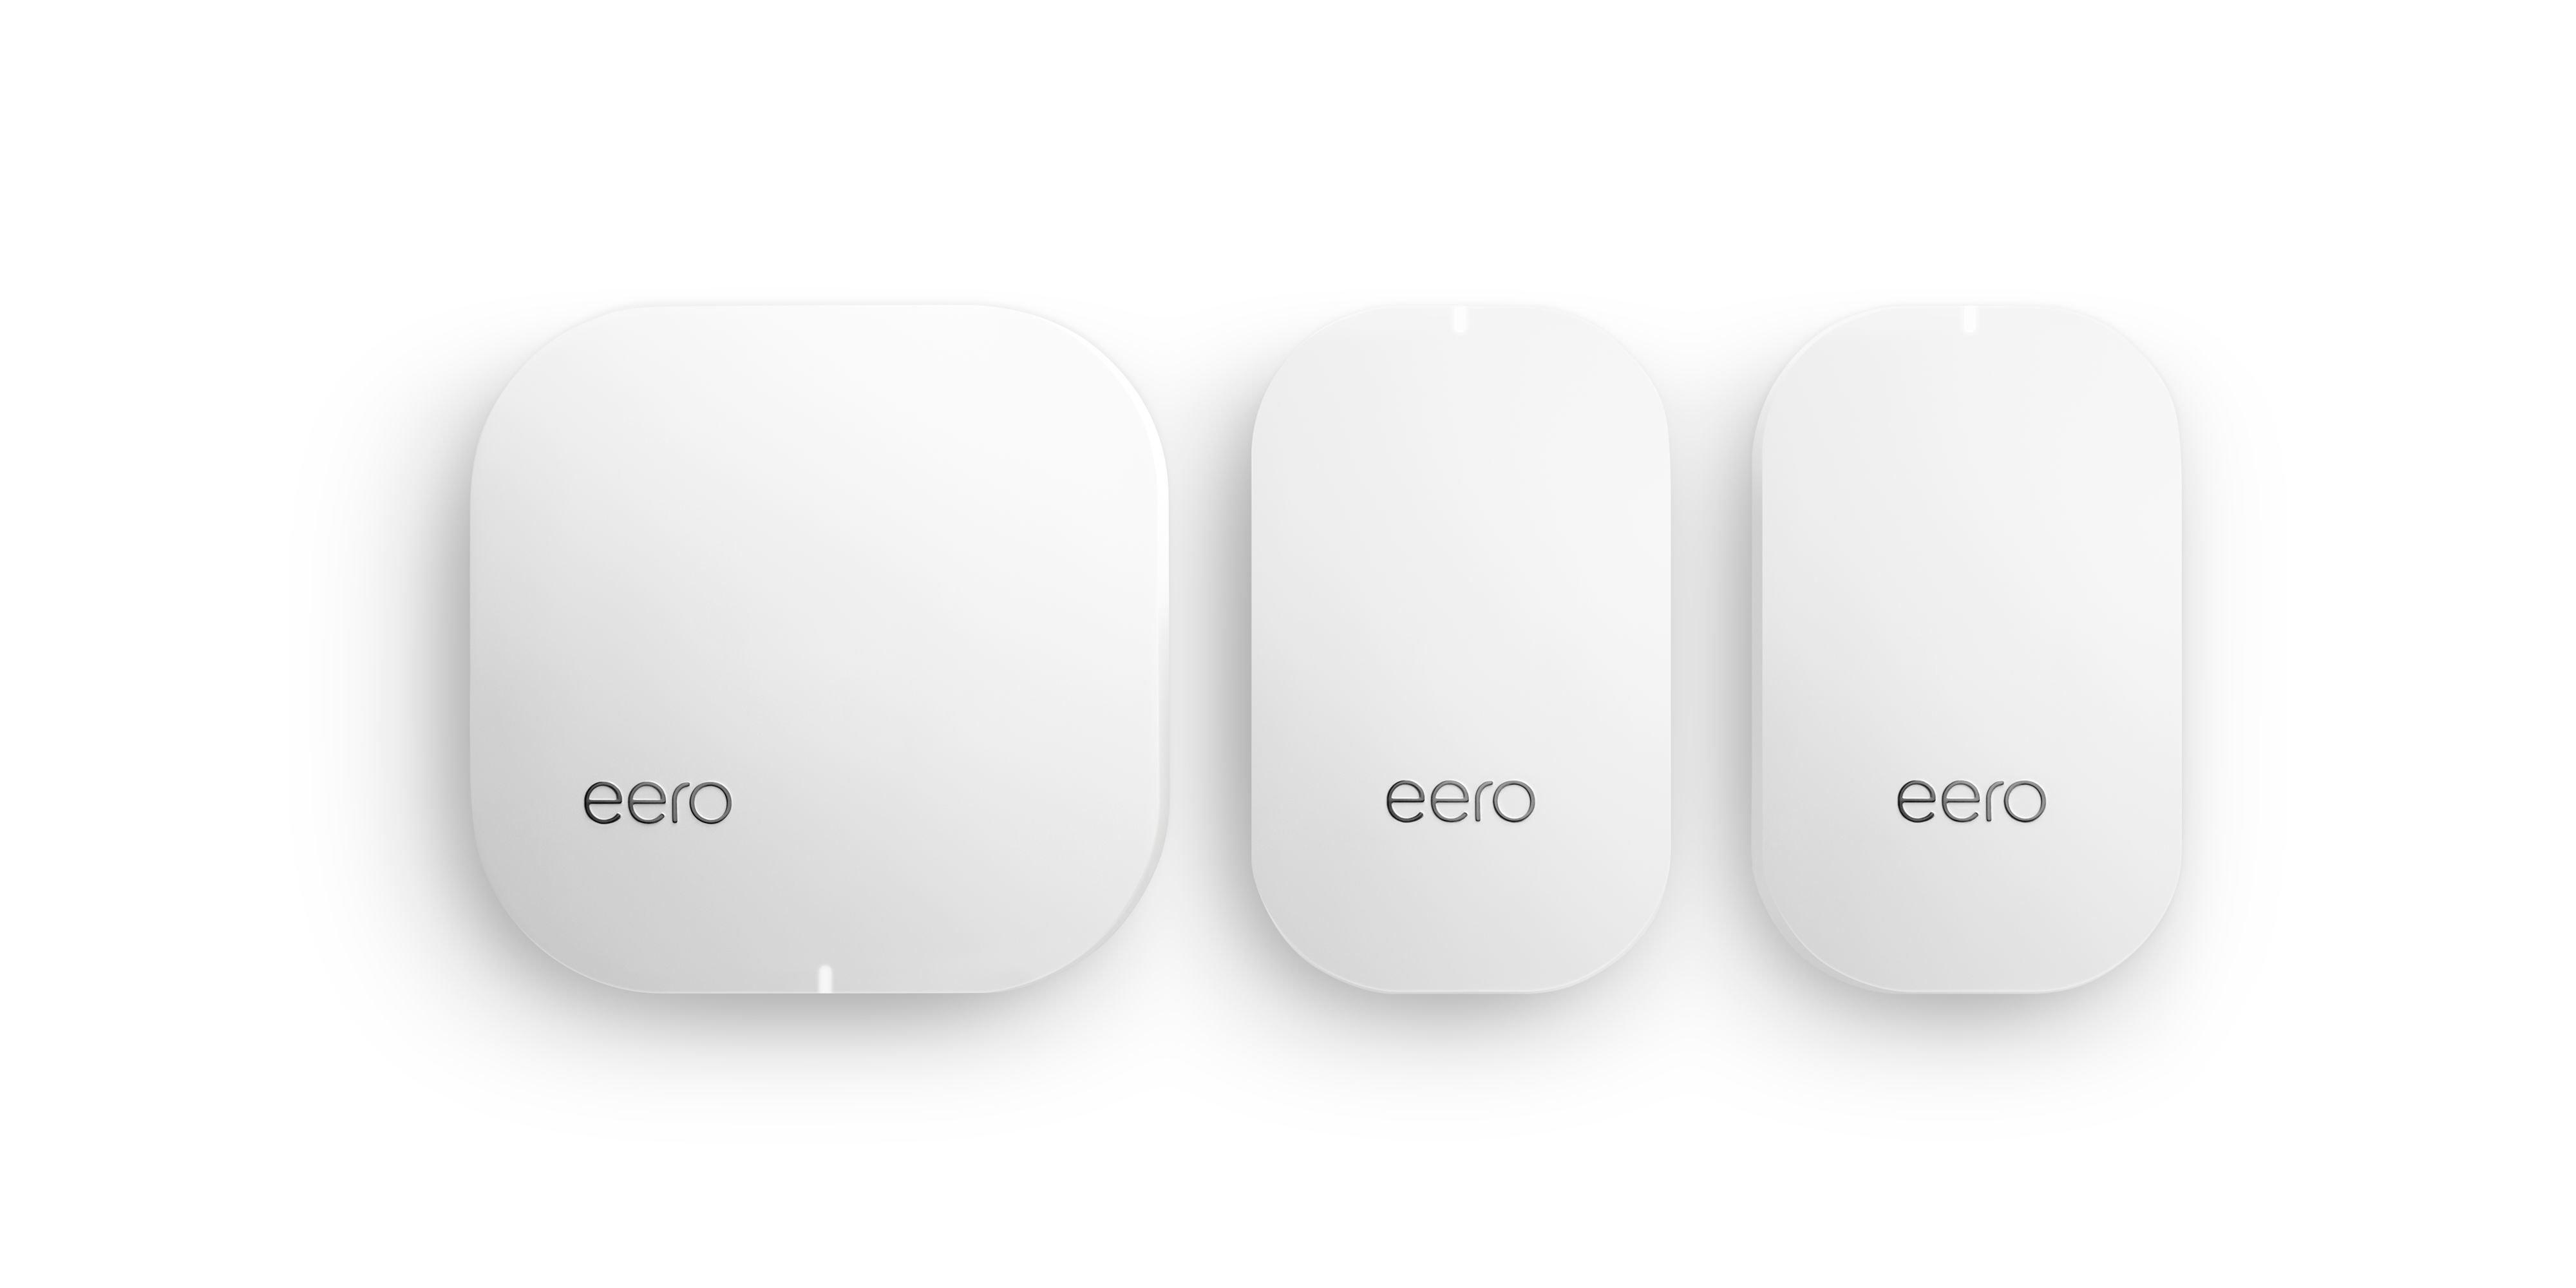 eero 2-4 bedroom home kit 00603